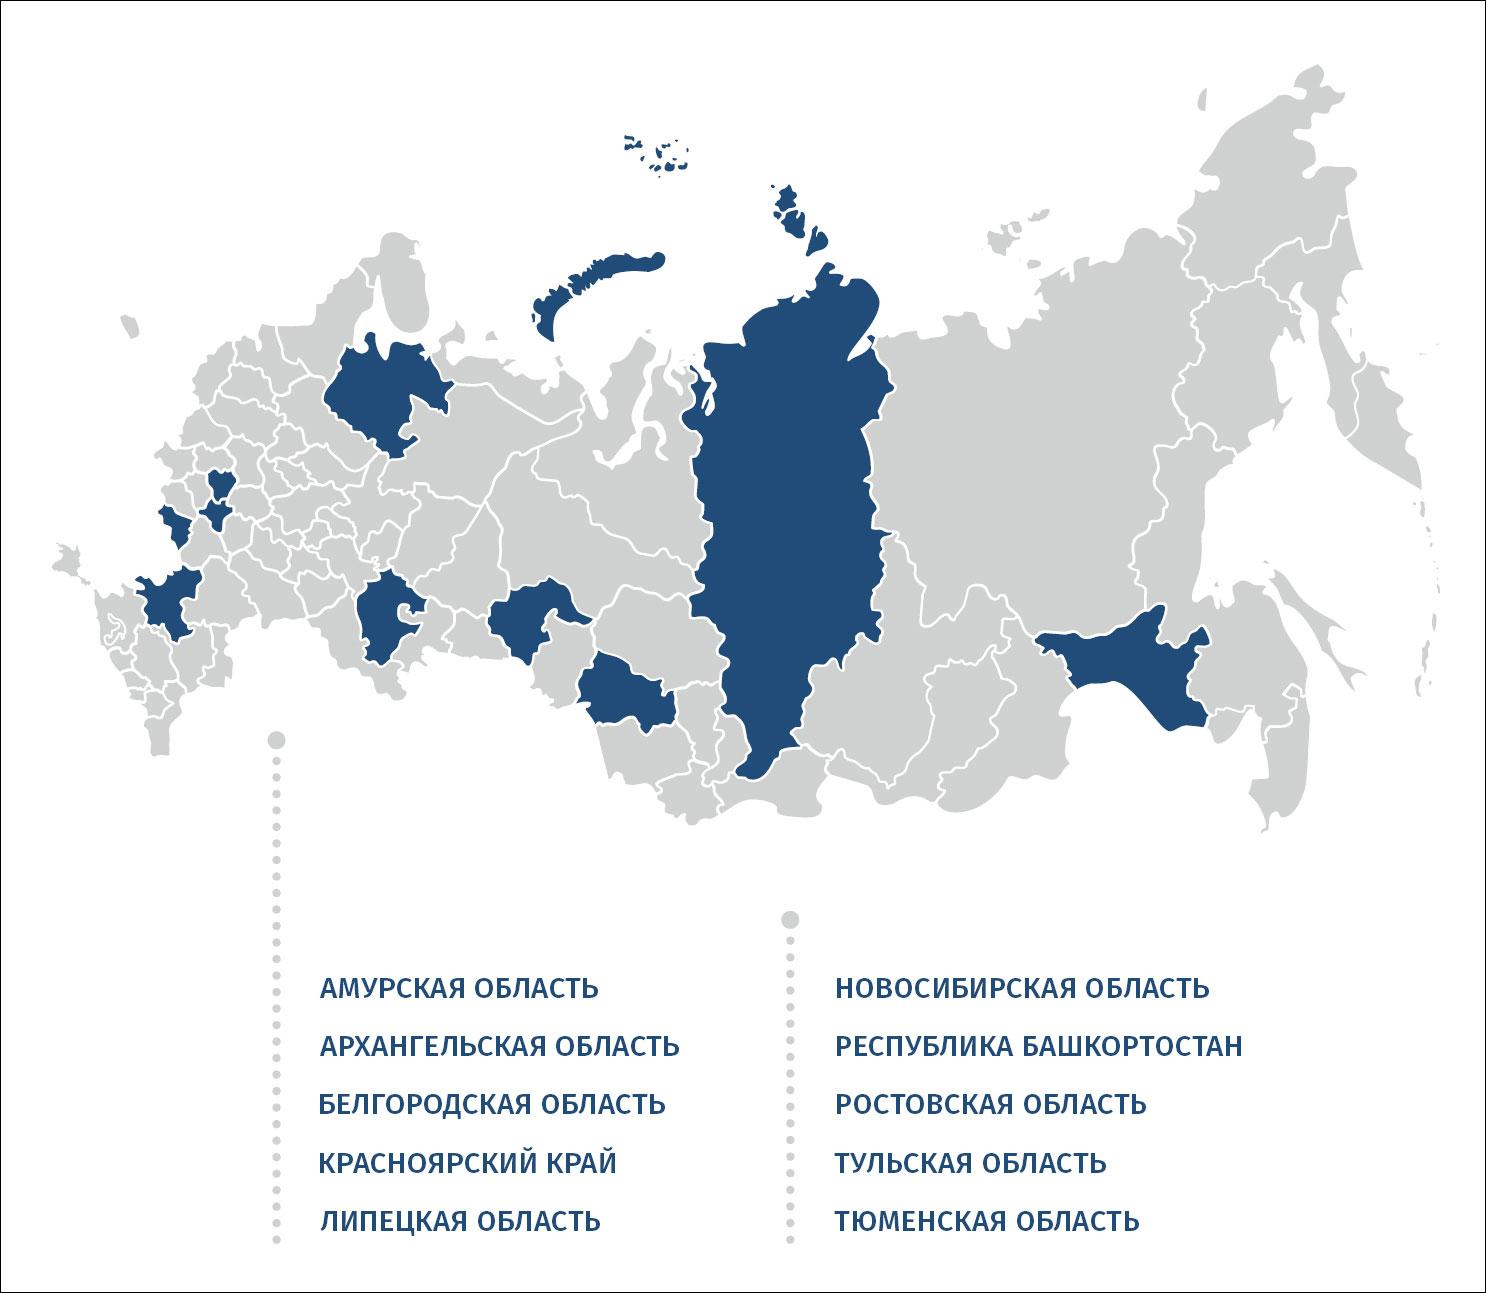 Приоритетные госуслуги переведены в электронный вид только в 10 регионах